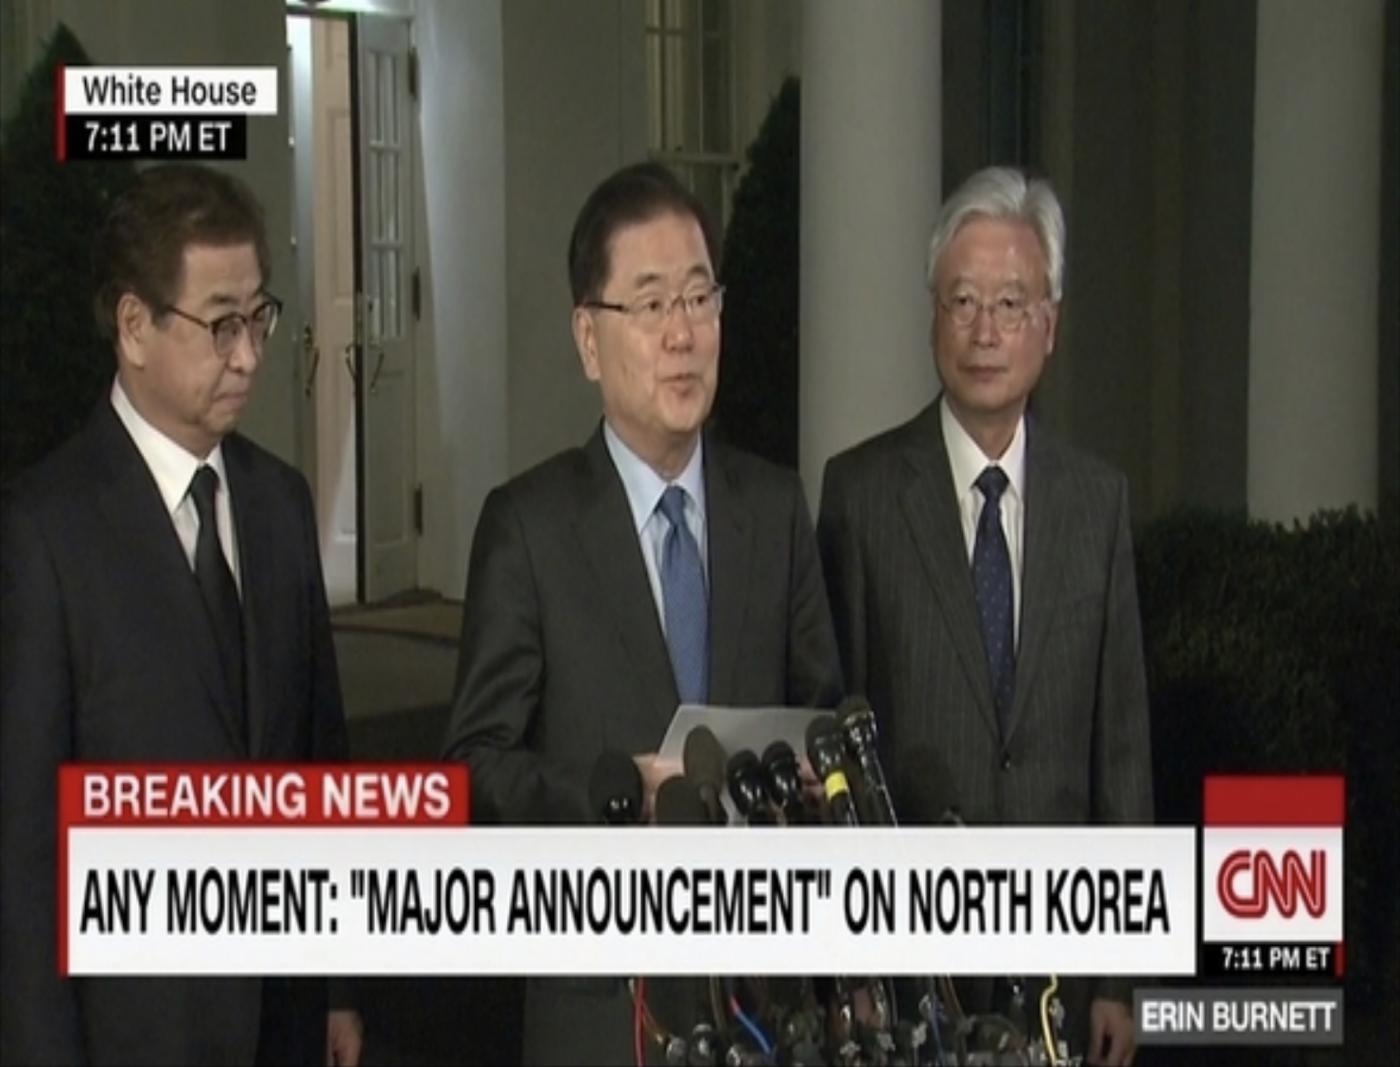 朝鲜半岛局势获重大突破的背后细节_图1-3